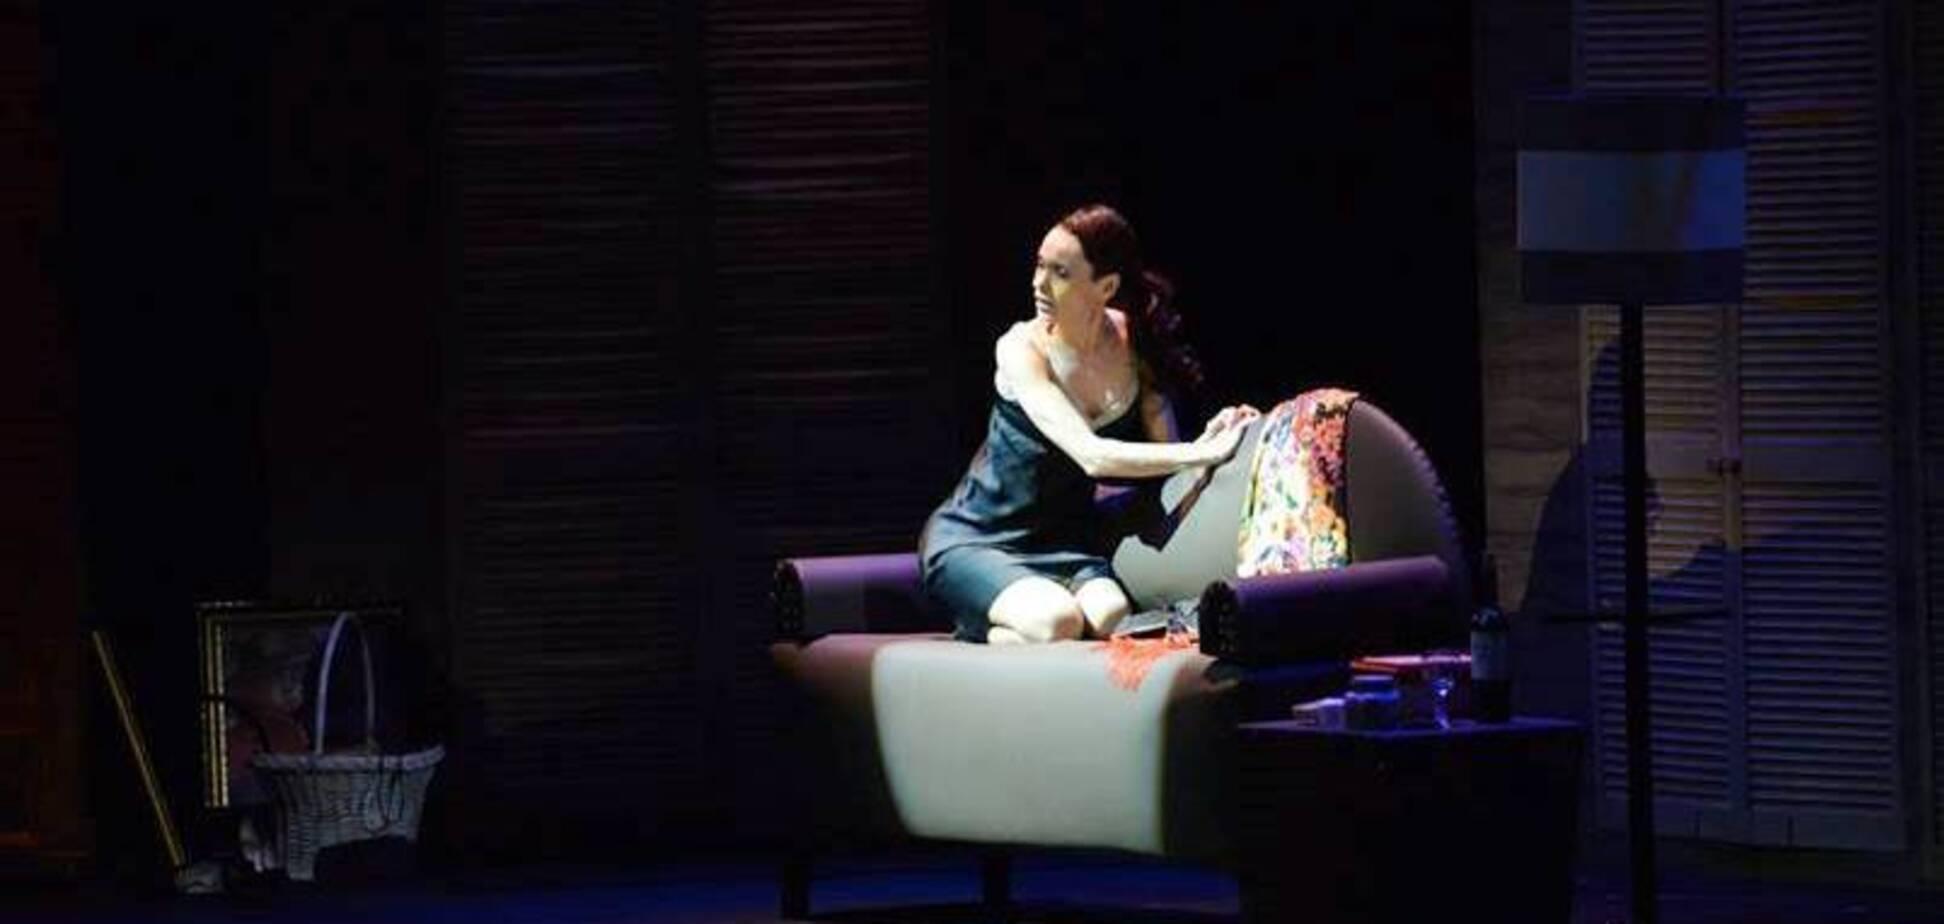 6 февраля в Национальной оперетте покажут спектакль 'Любовная отповедь мужчине'